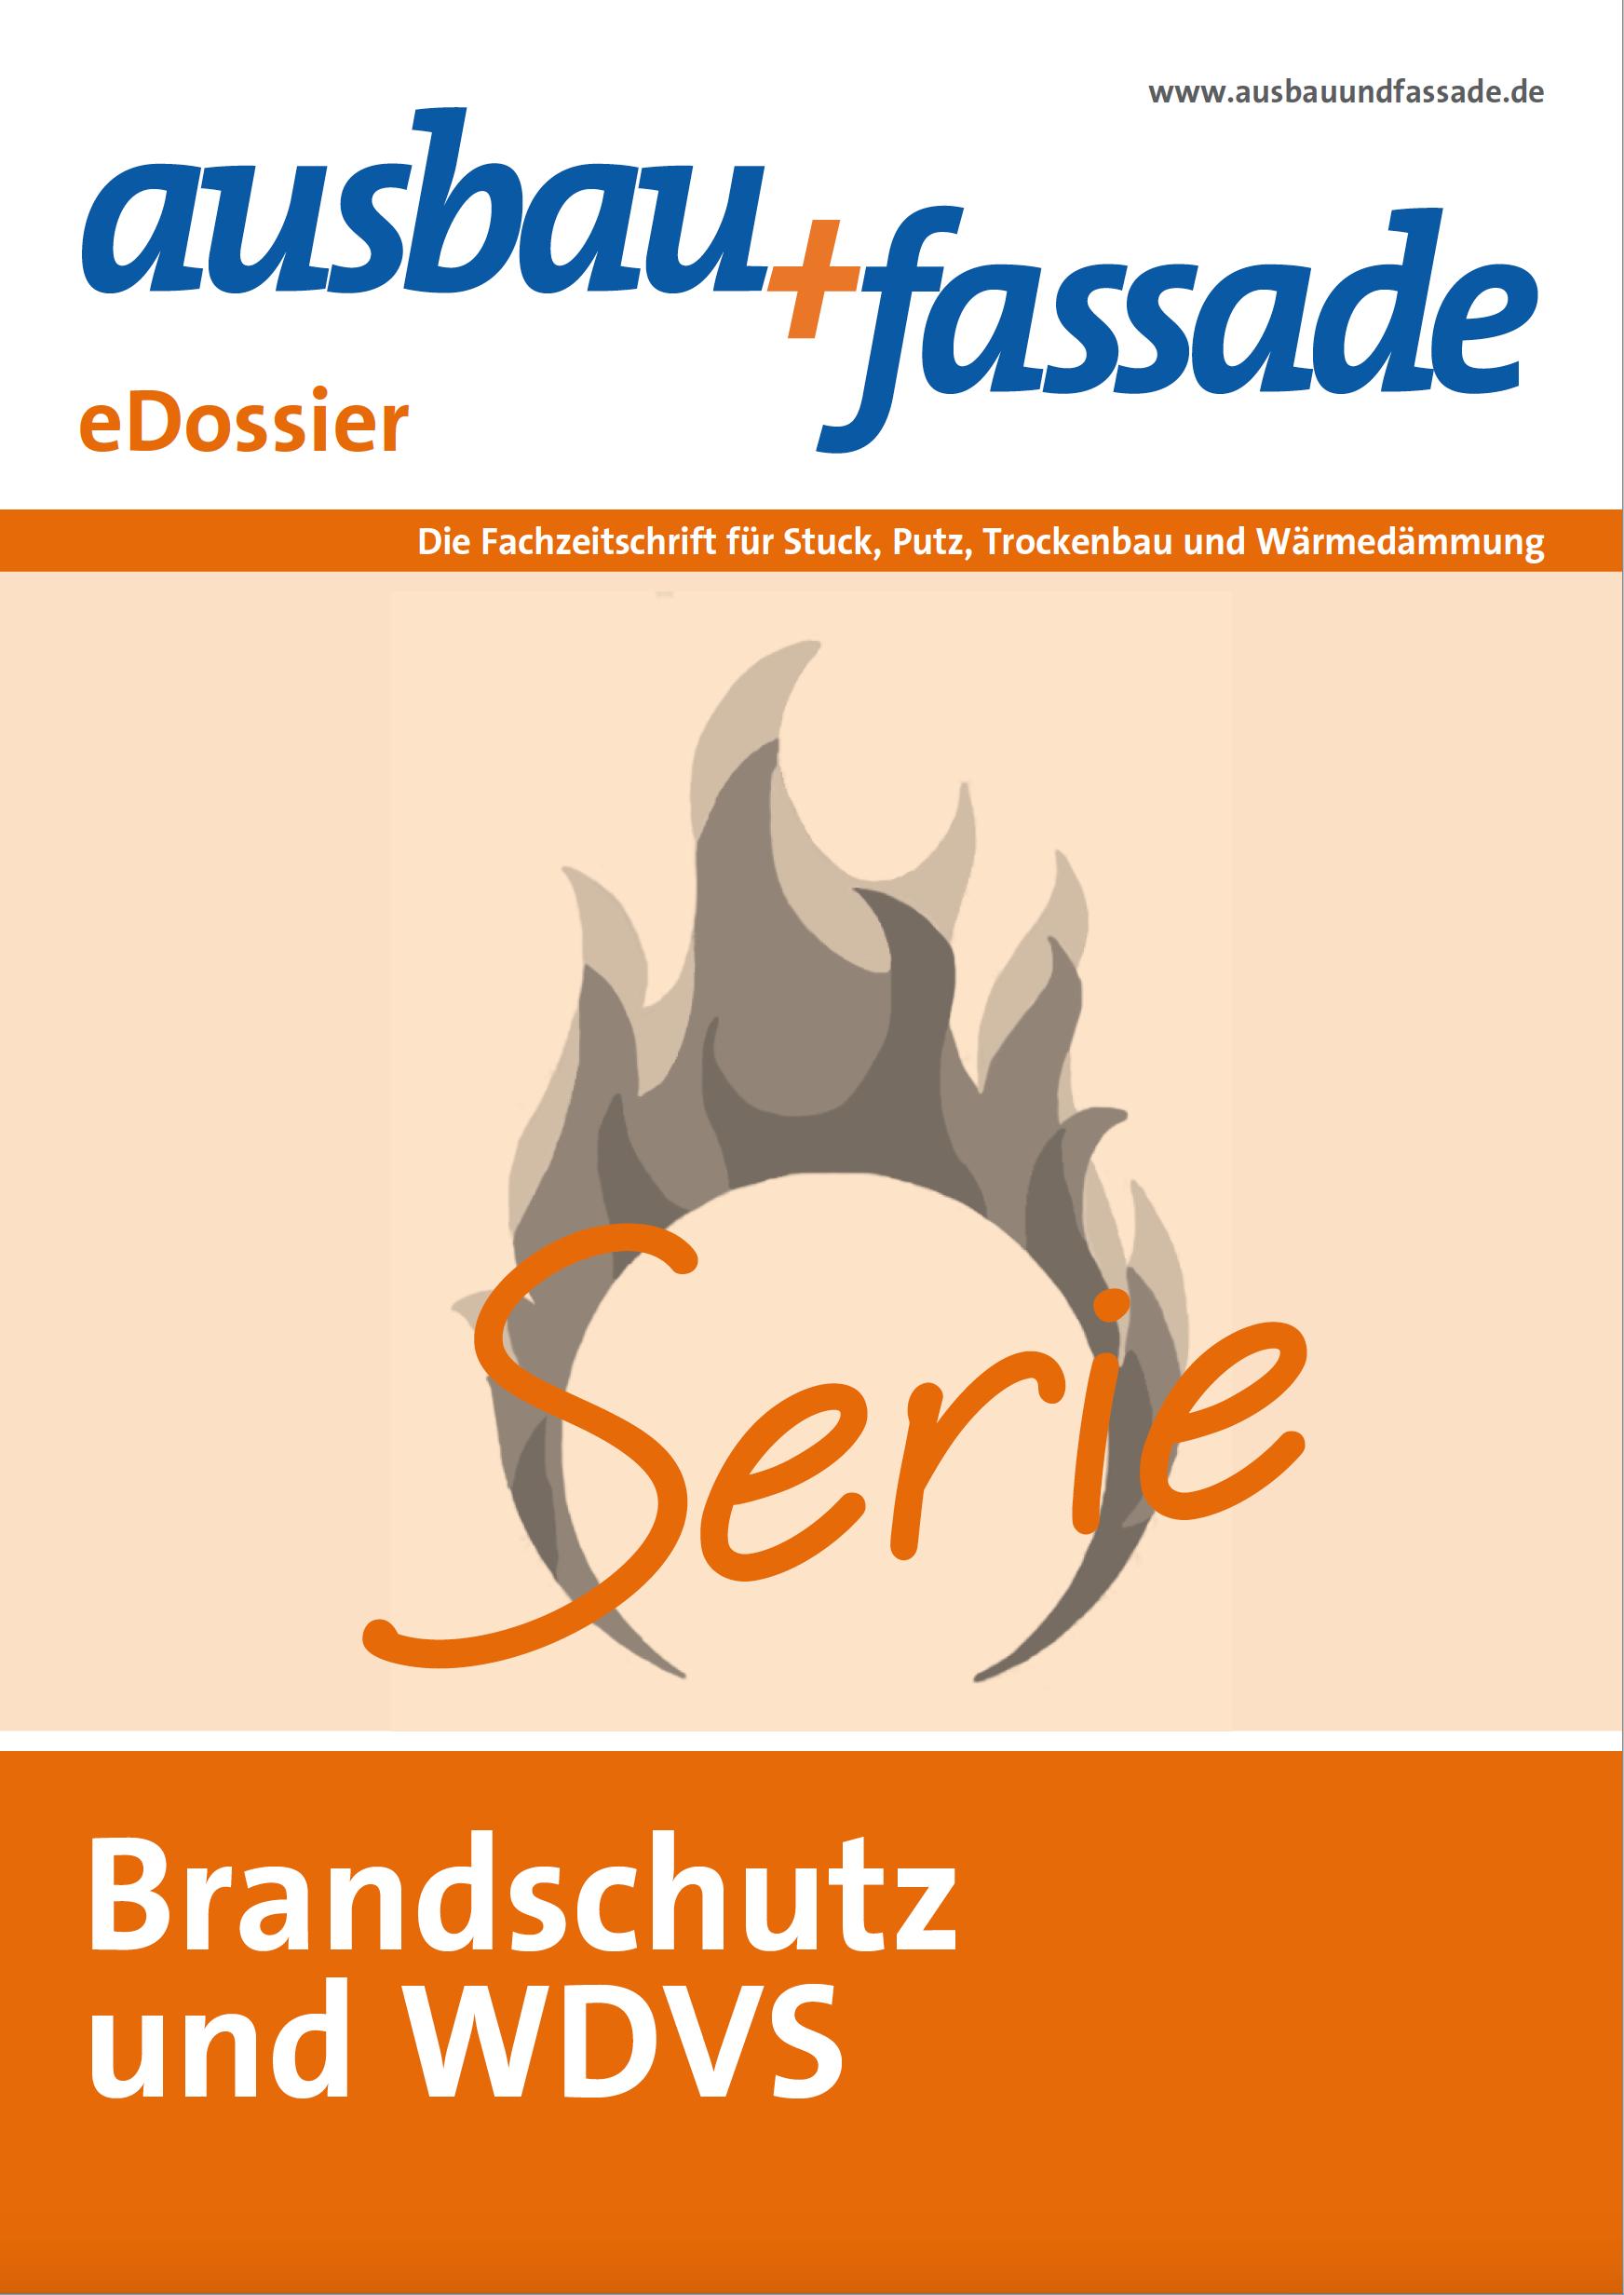 edossier_Brandschutz Ausbau und Fassade - Mineralwolle-Platten jetzt als Brandriegel im WDVS zugelassen